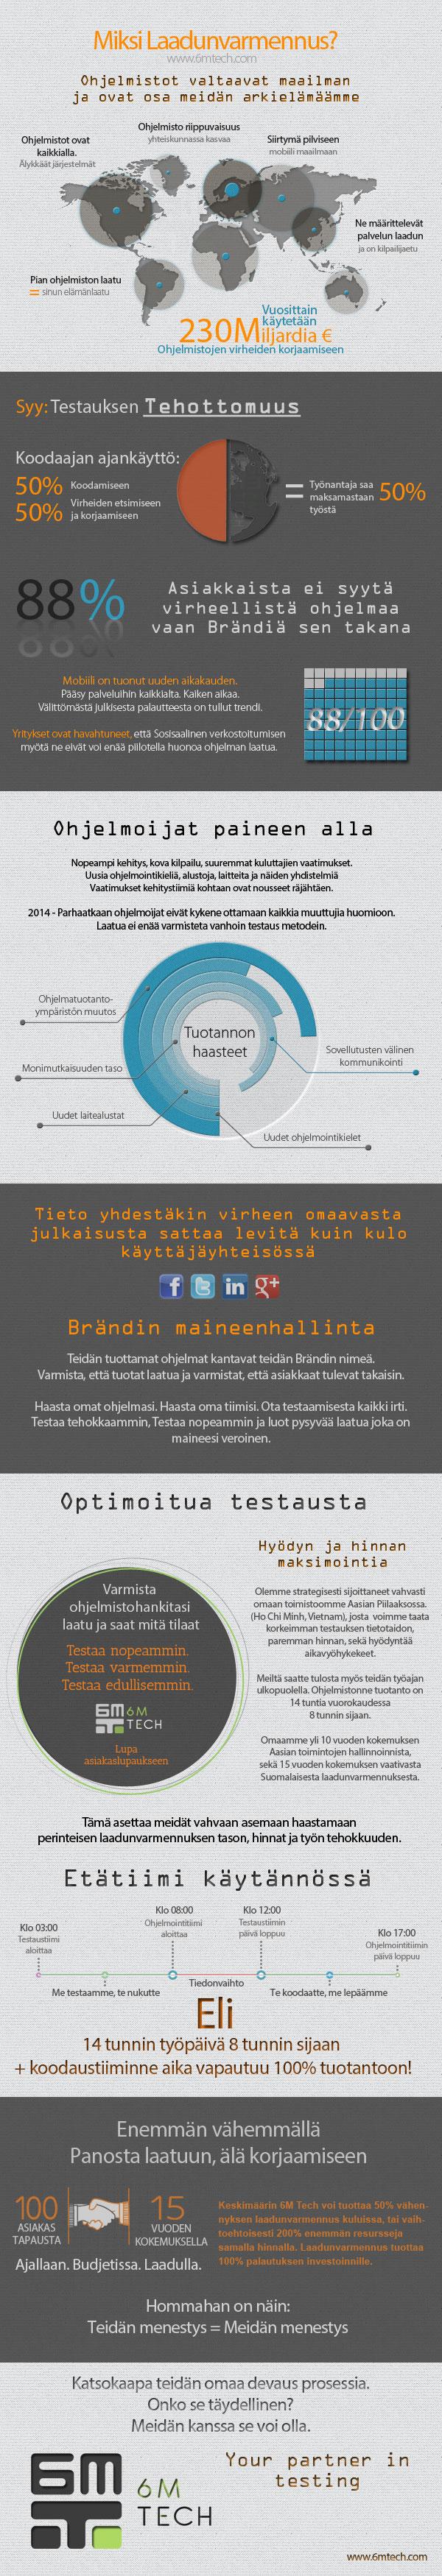 infographics_software_testing_6MTech_ohjelmiston_tuottaja